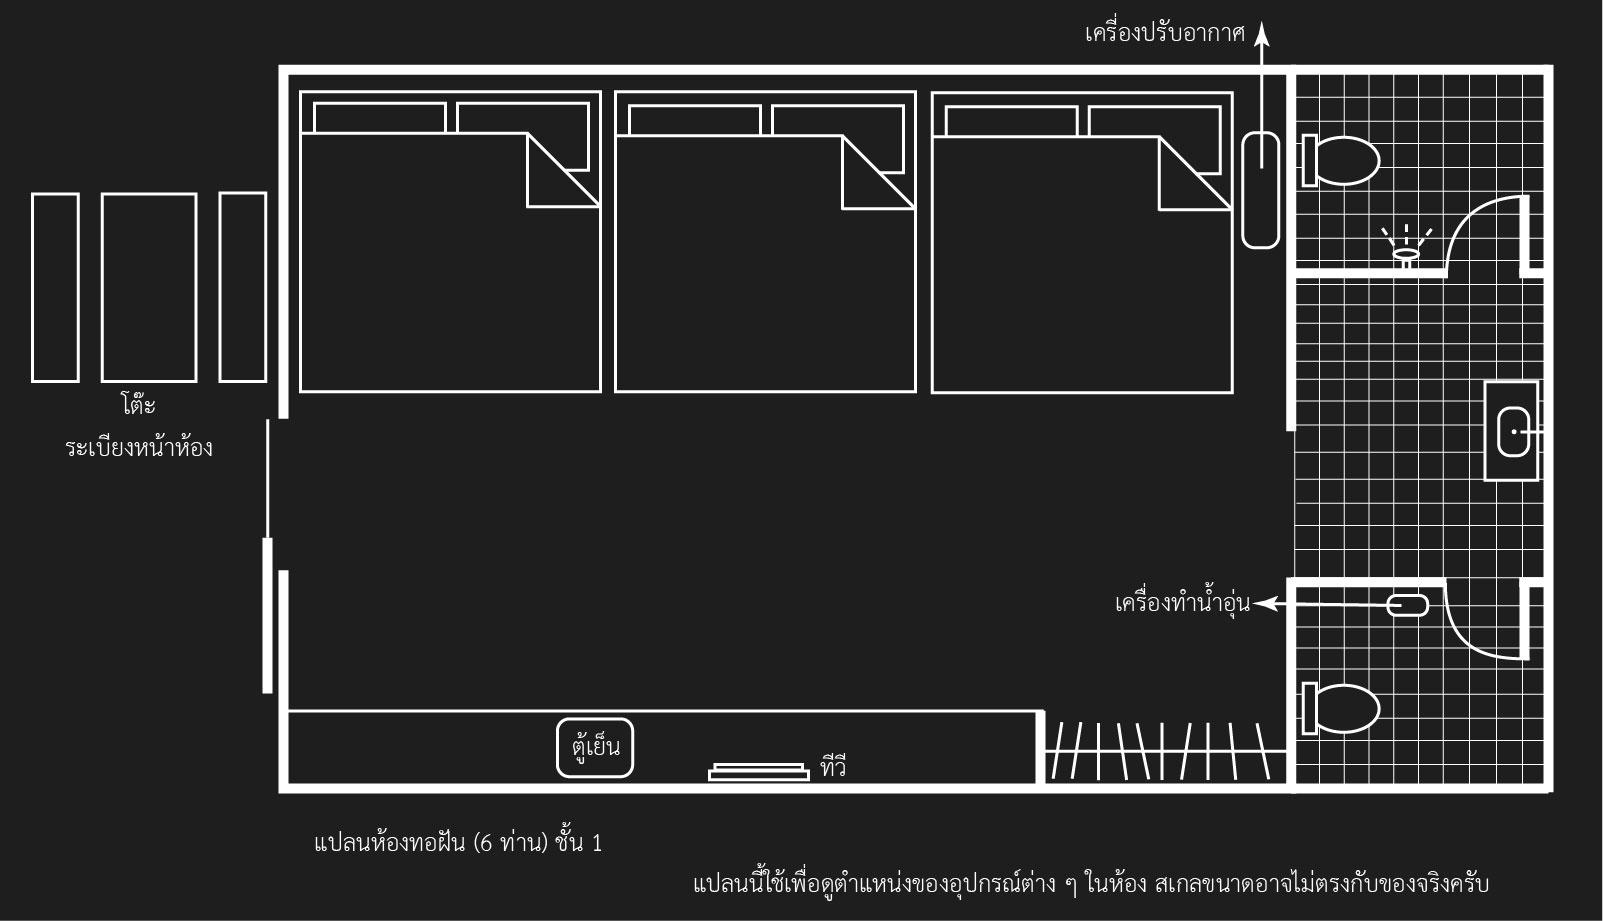 แปลนห้องพัก ห้อง 6 ท่าน ชั้น 1 ที่พักปราณบุรี